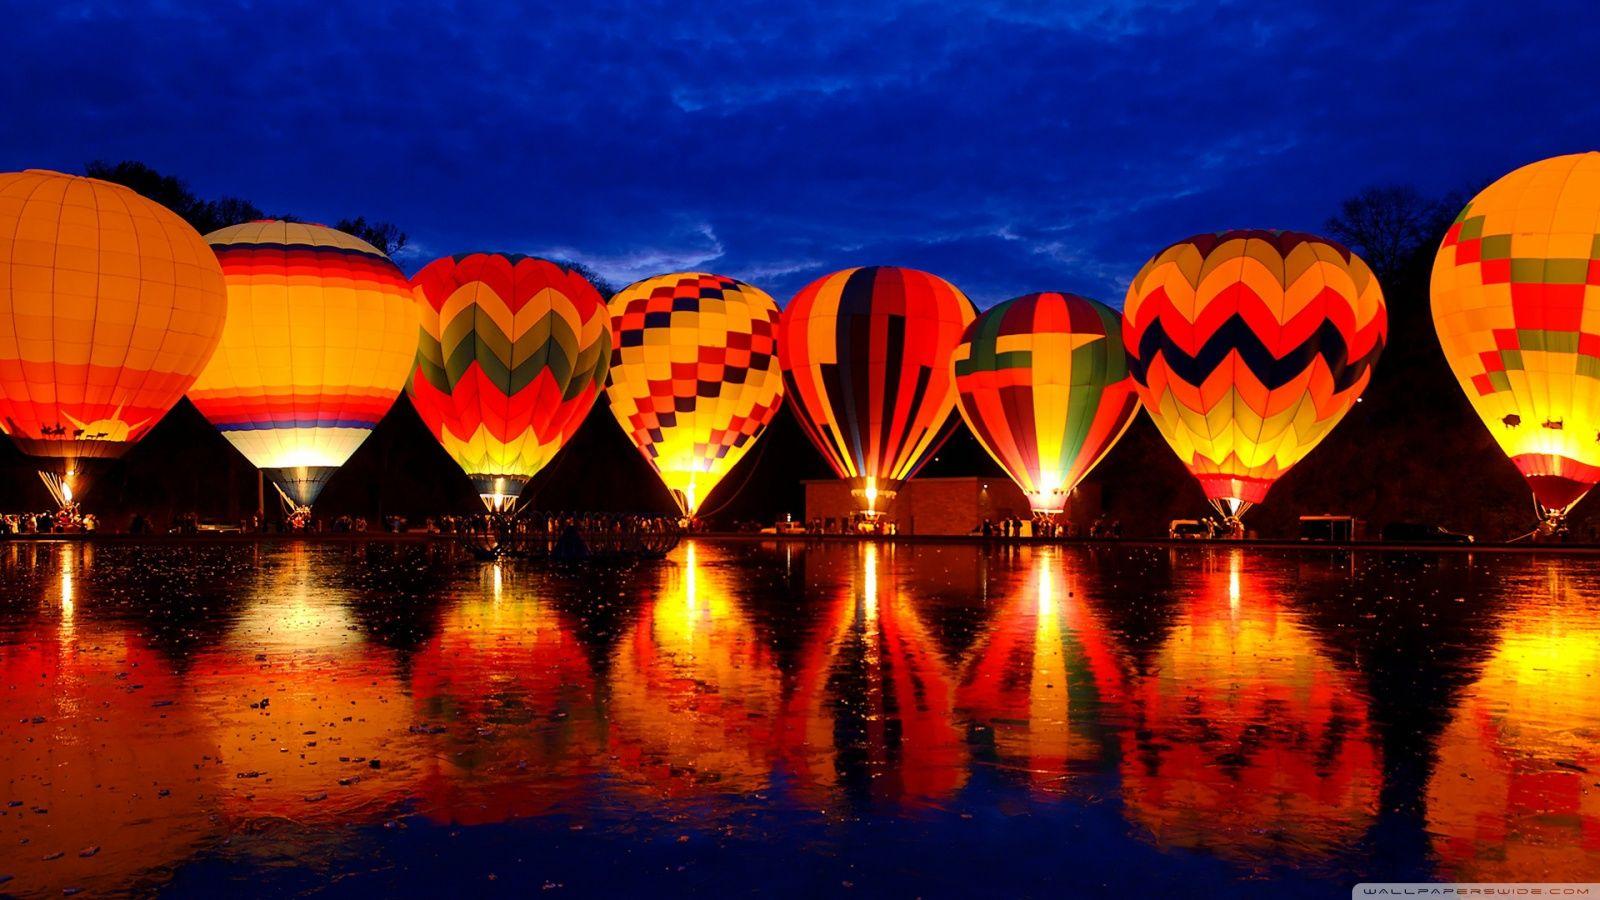 Hot Air Baloon Travel Background Jpg 1600 900 Hot Air Balloon Festival Balloon Glow Air Balloon